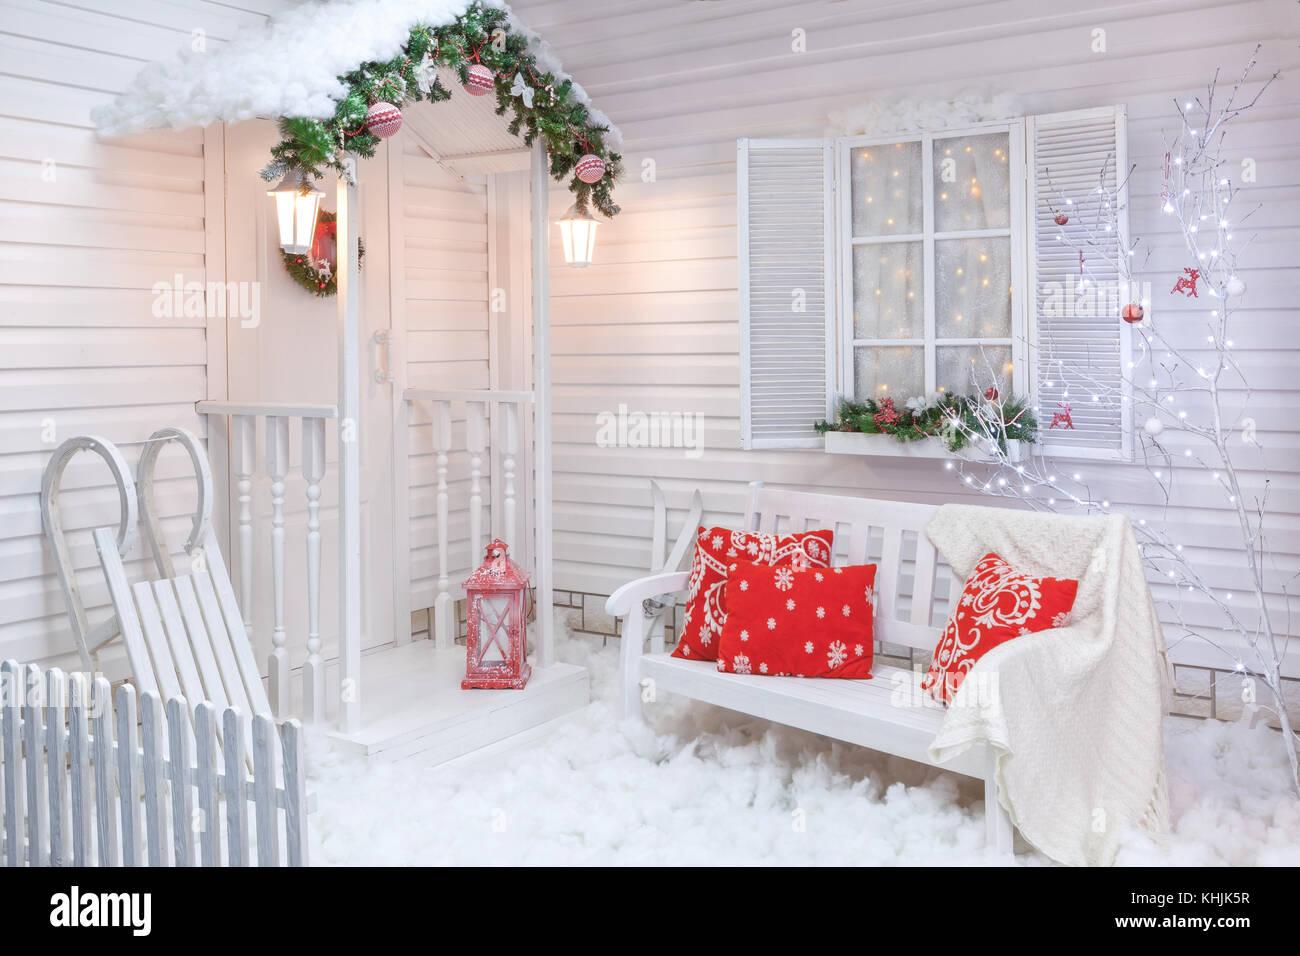 Invierno exterior de una casa de campo con las for Decoraciones para patios casas